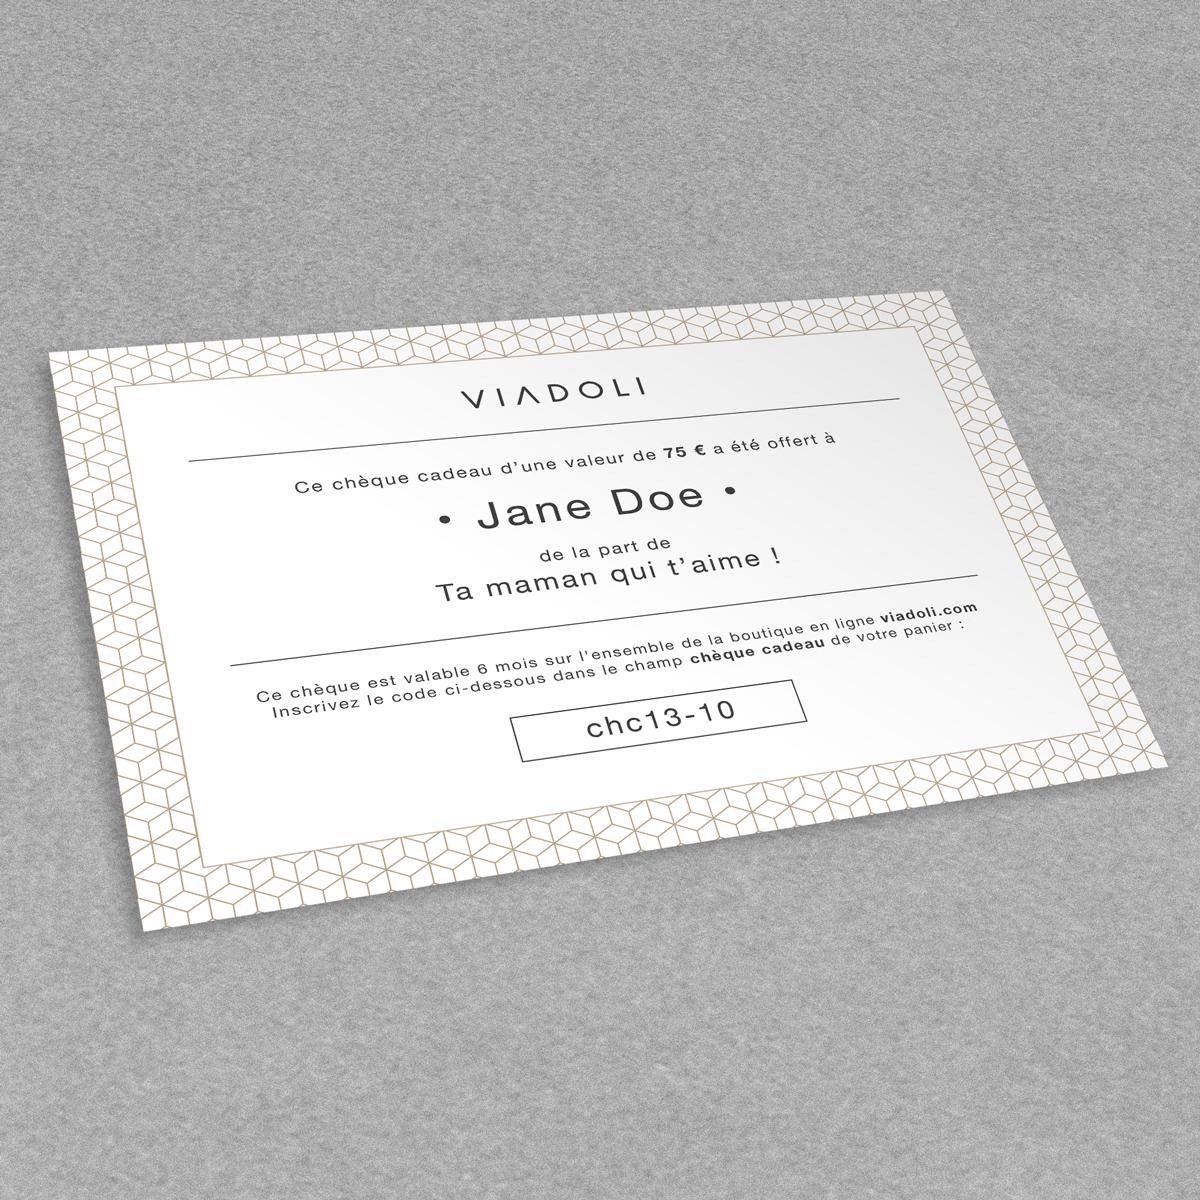 viadoli-cc-75e